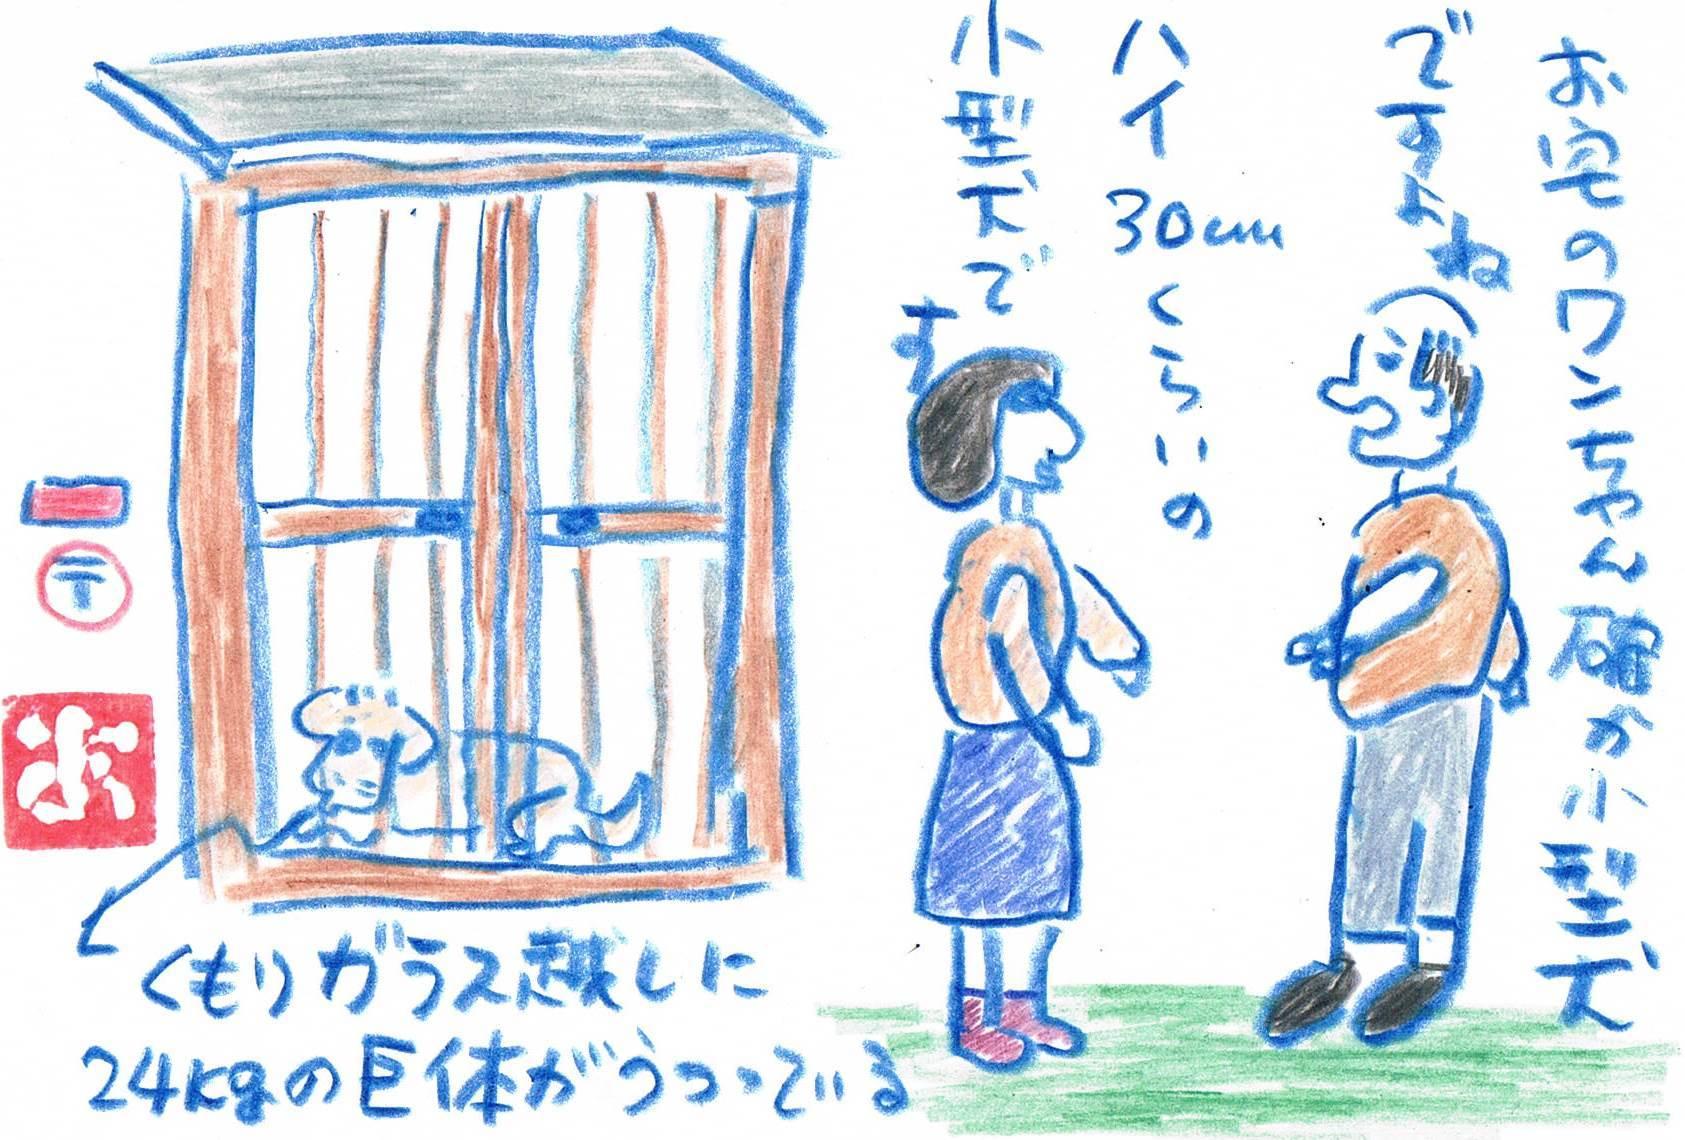 うめきちは小型犬です_e0232277_11253728.jpg